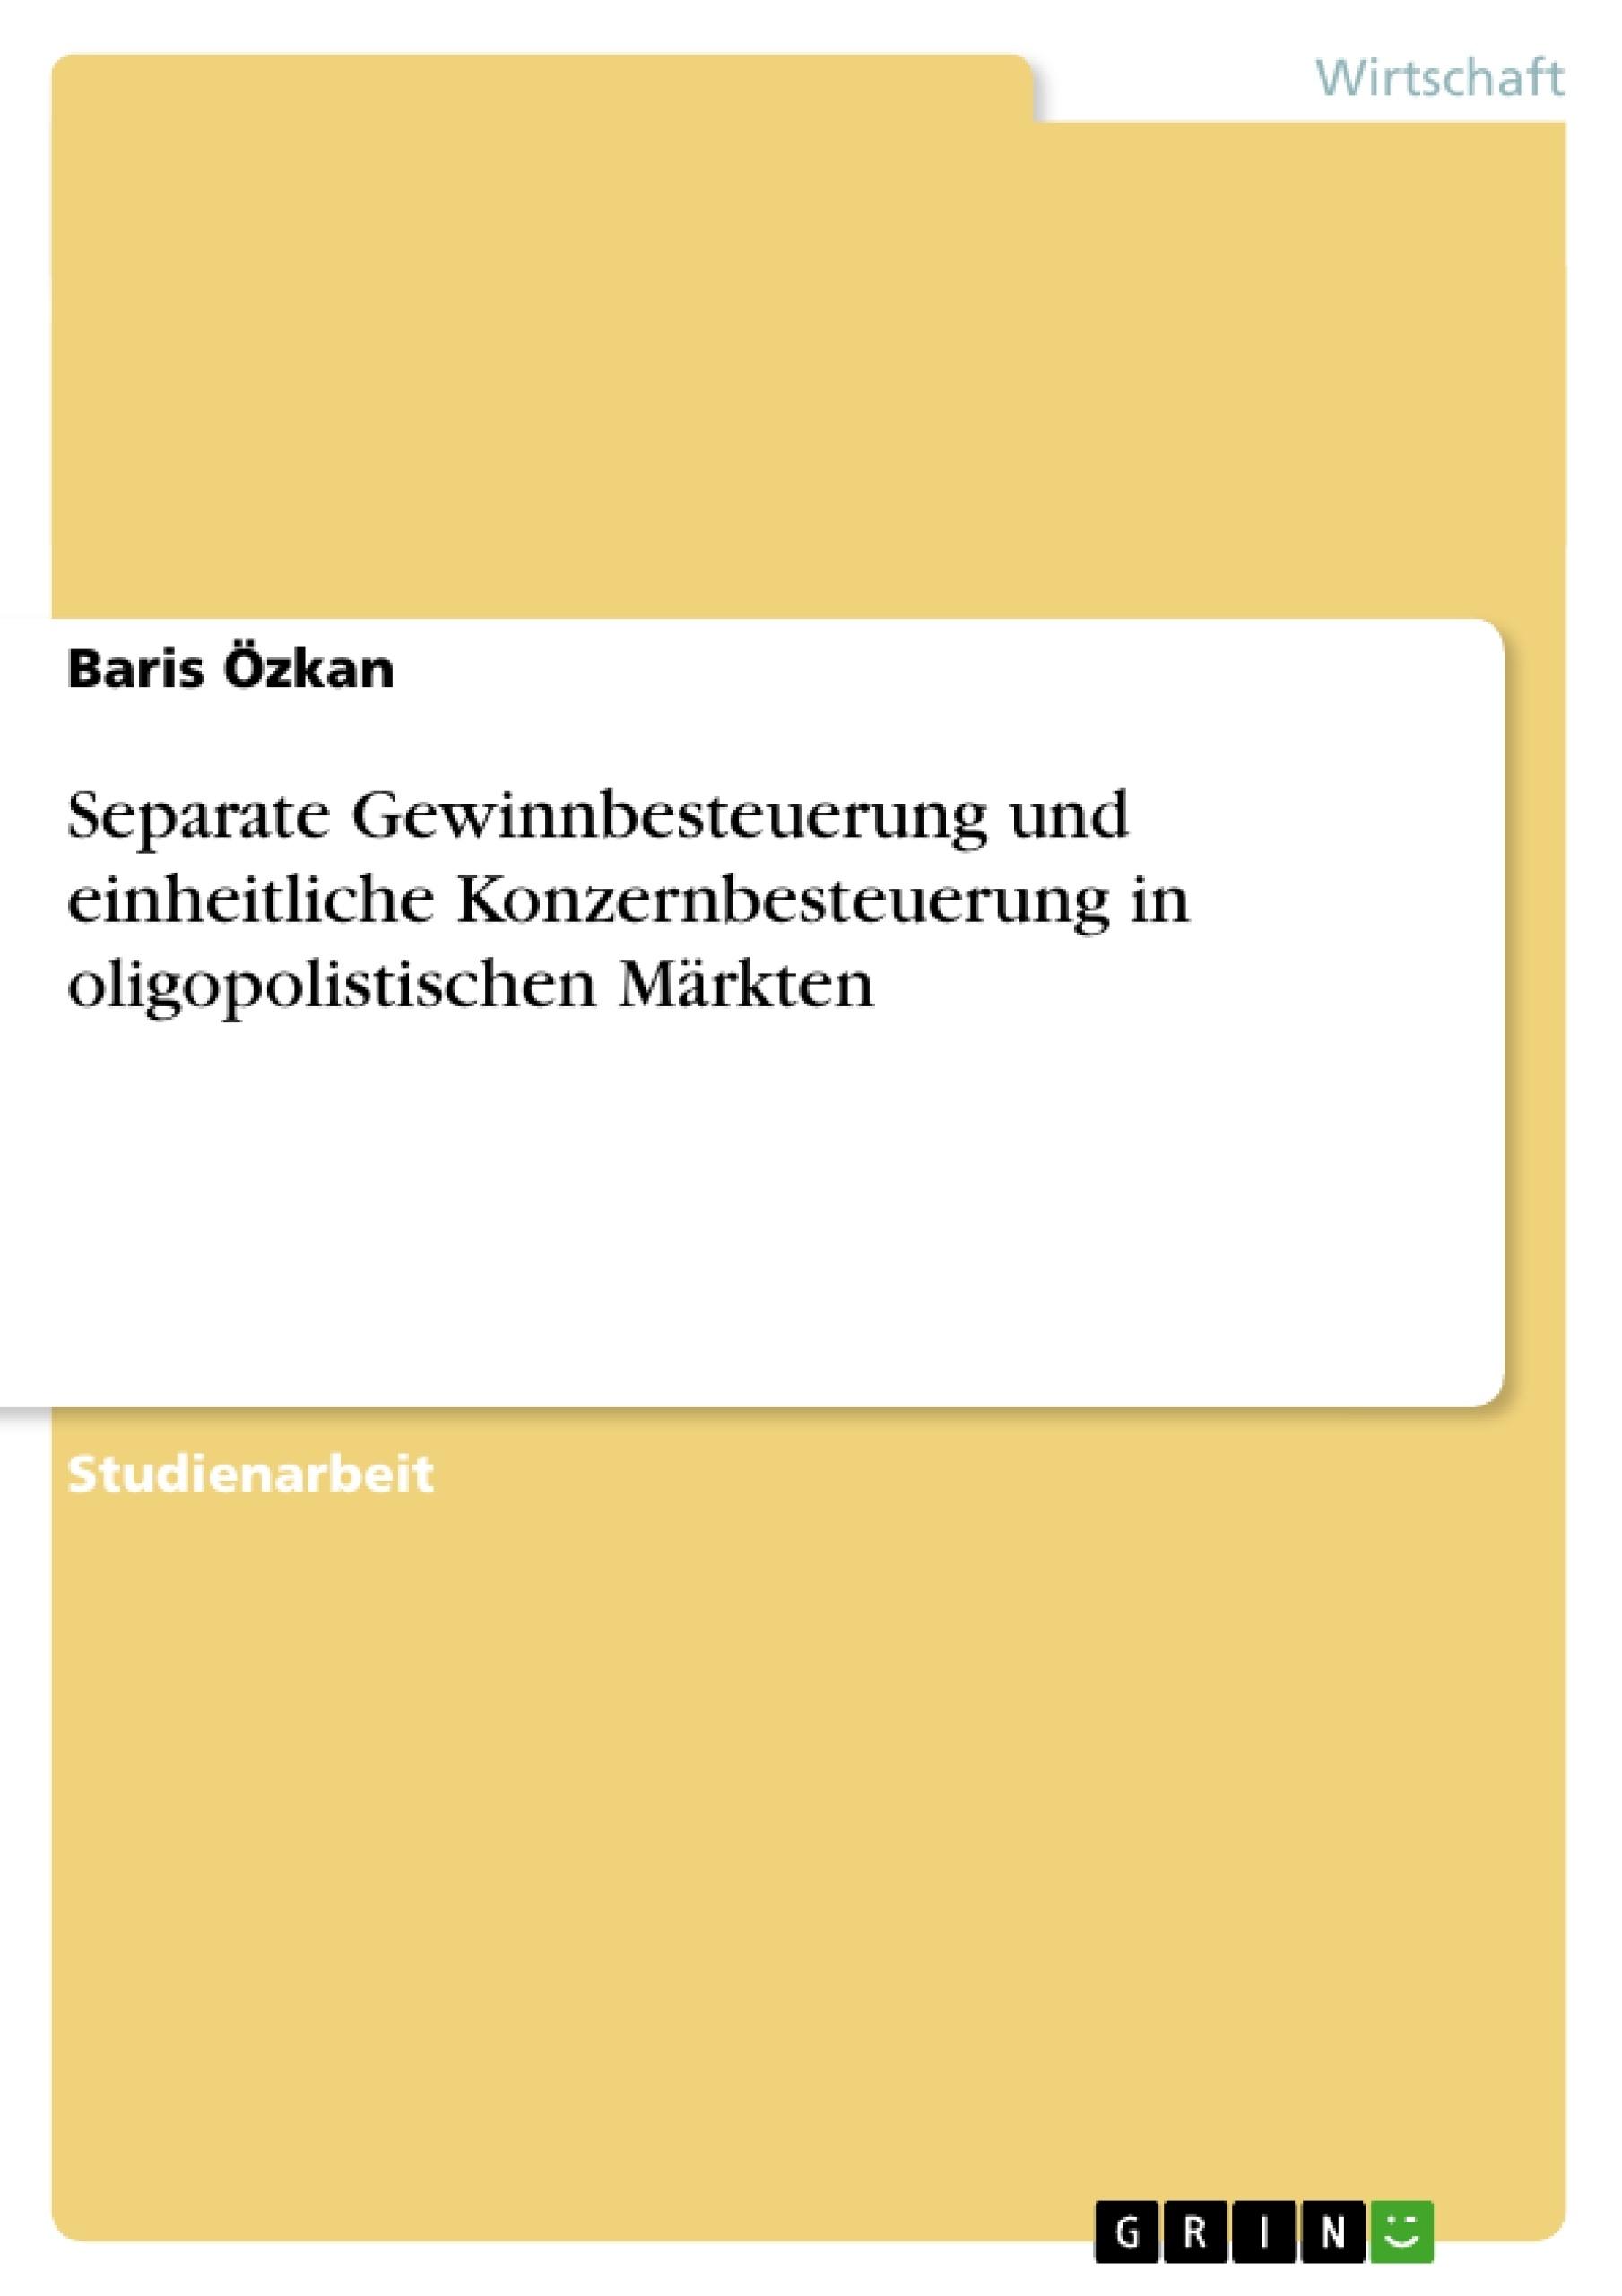 Titel: Separate Gewinnbesteuerung und einheitliche Konzernbesteuerung in oligopolistischen Märkten